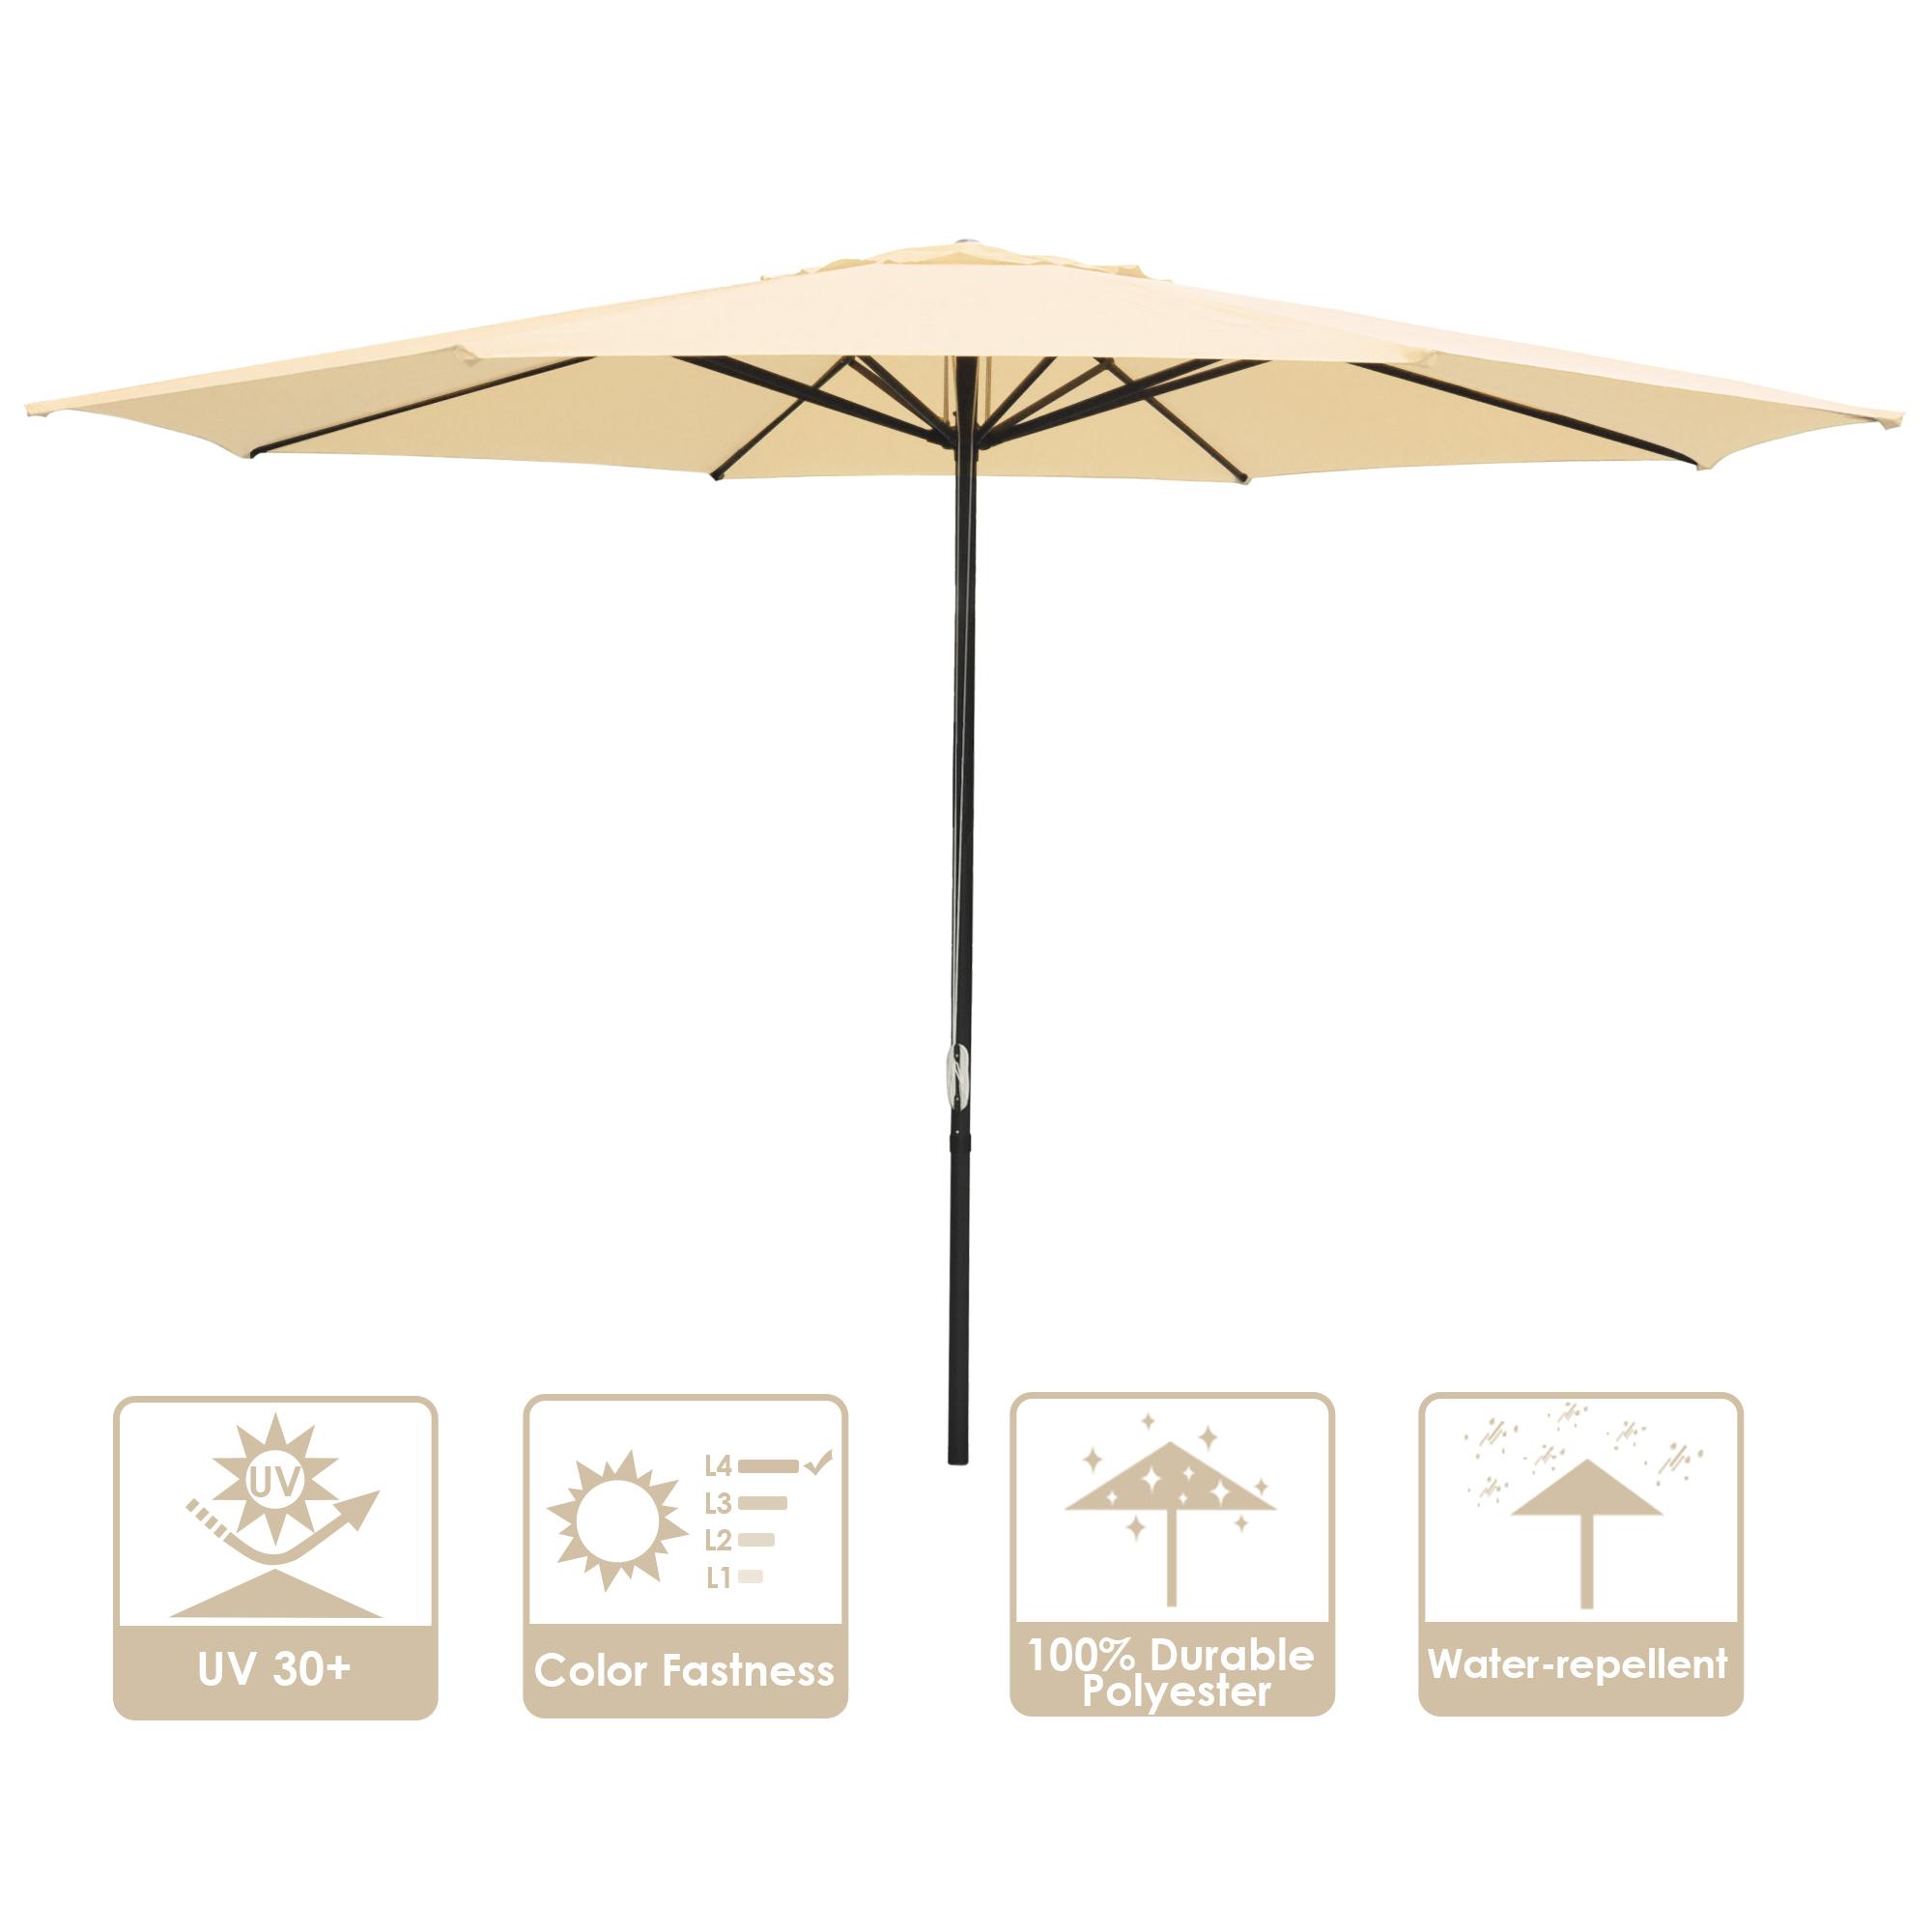 thumbnail 27 - 13' FT Sun Shade Patio Aluminum Umbrella UV30+ Outdoor Market Garden Beach Deck